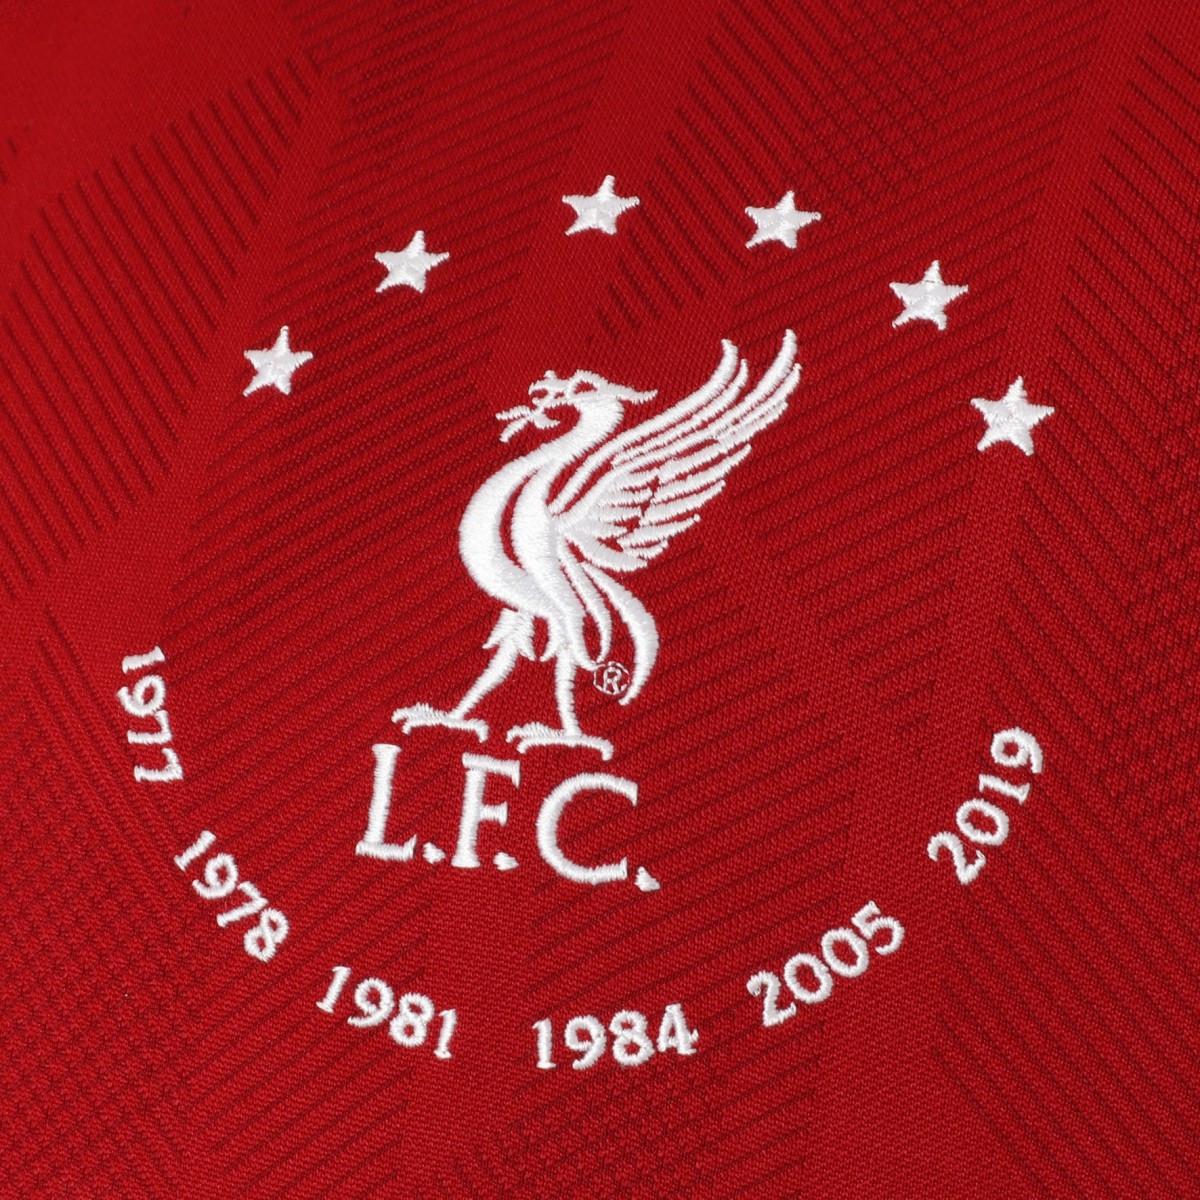 imagen salchicha graduado  Camiseta New Balance Liverpool FC Primera Equipación Ed Signature 2019-2020  Niño Red - Tienda de fútbol Fútbol Emotion